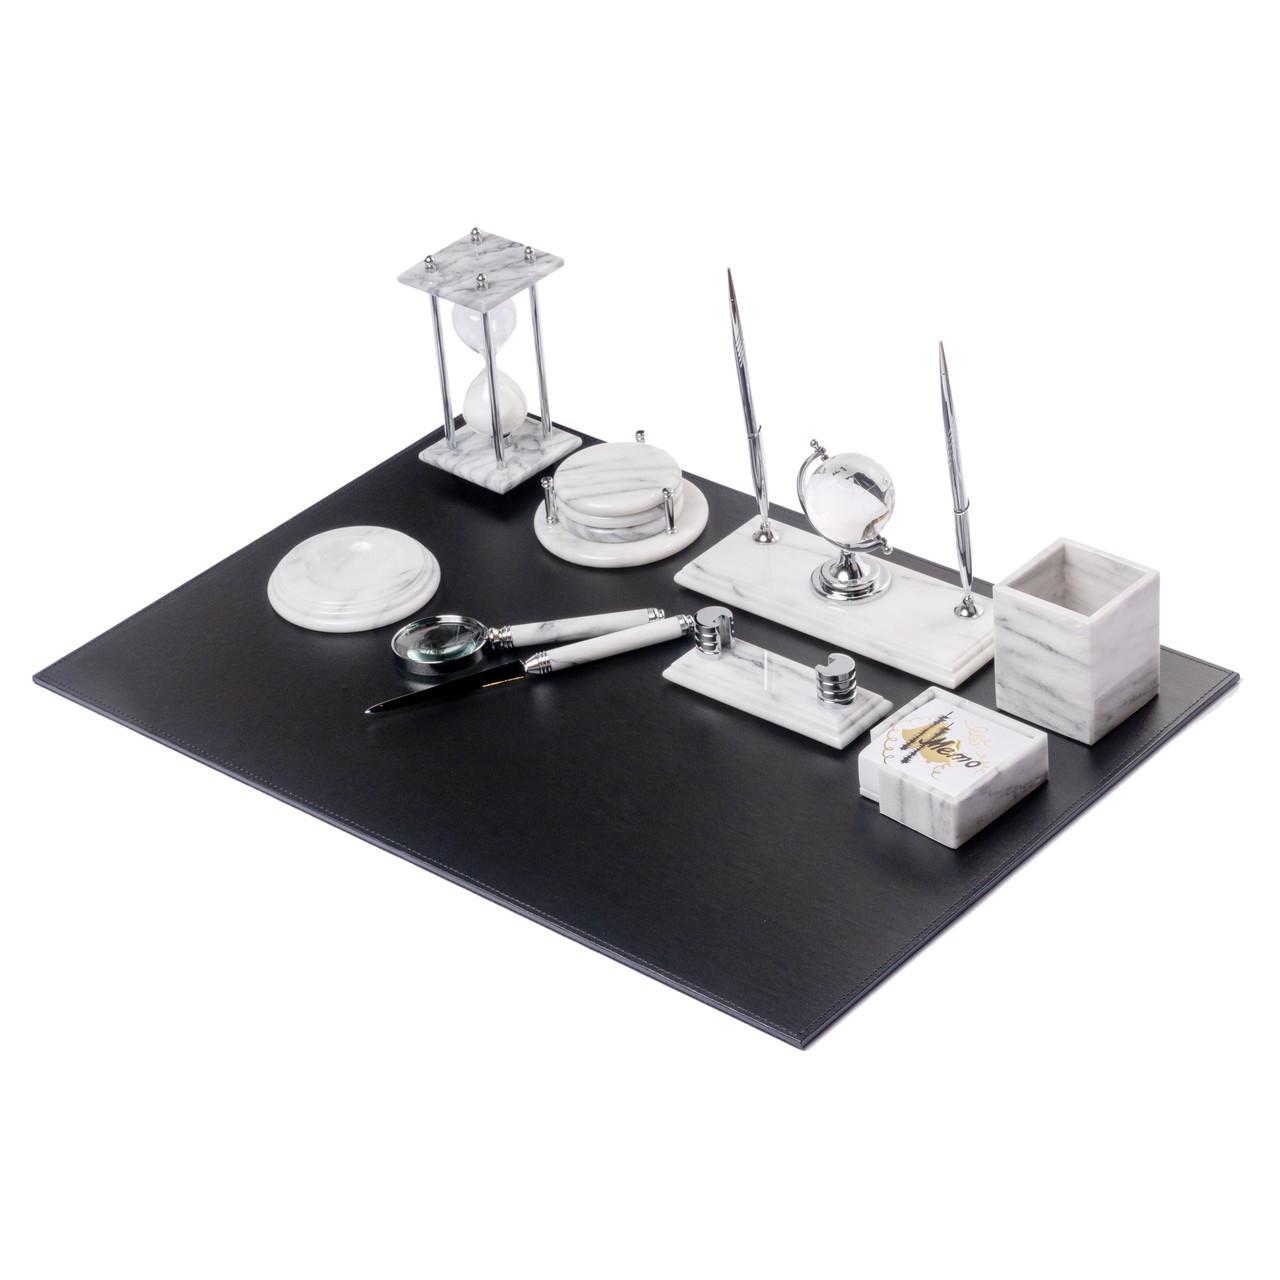 Настольный набор для руководителя мраморный белый на 10 предметов